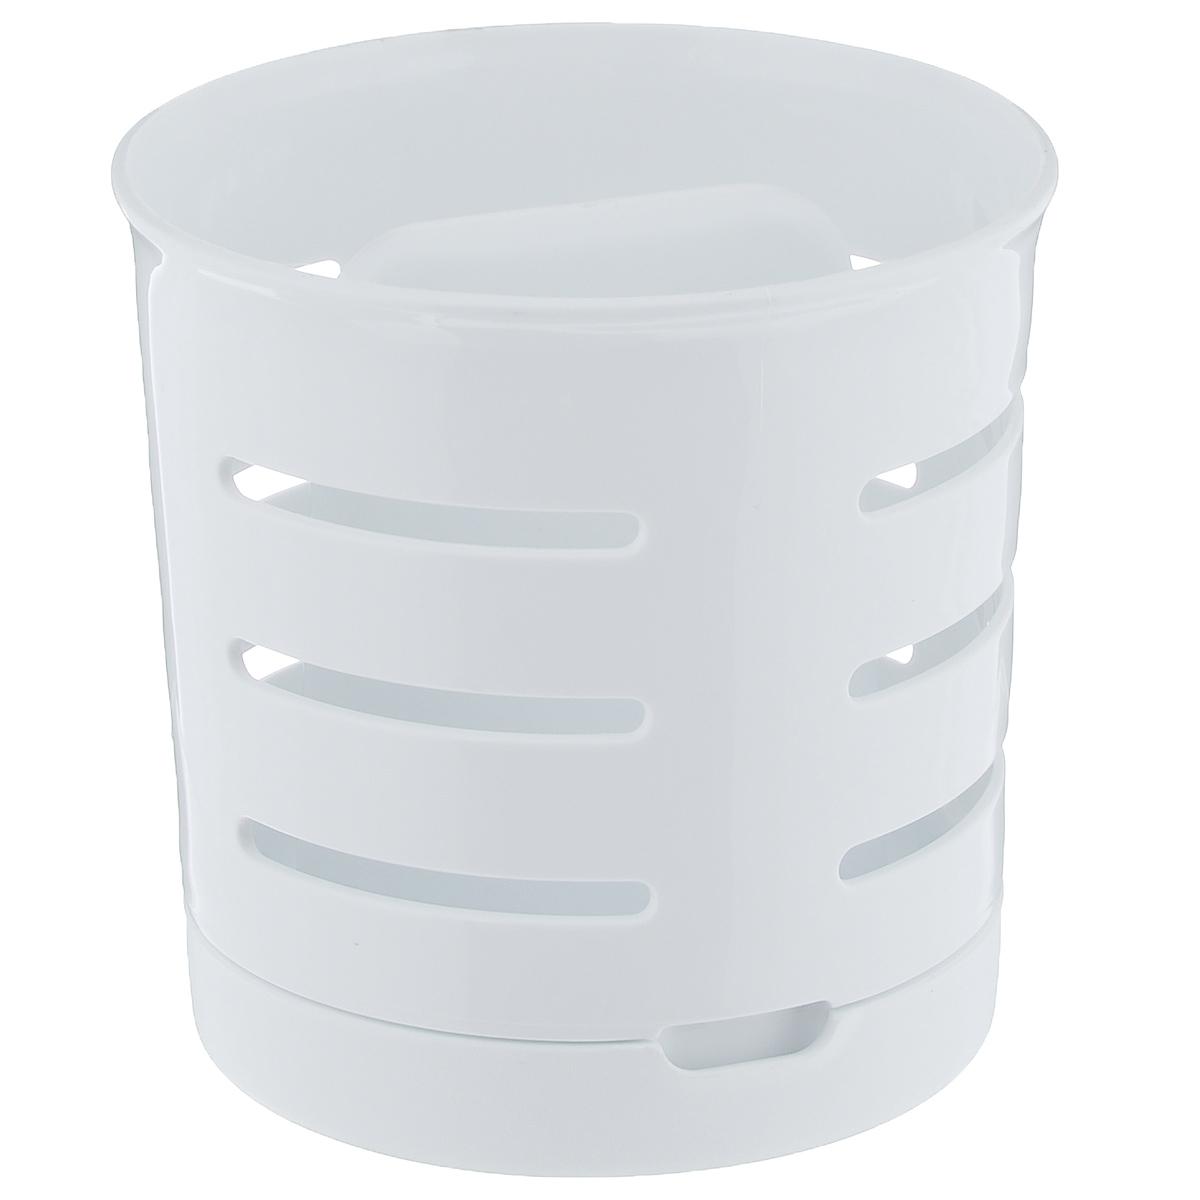 Сушилка для столовых приборов Curver3410Сушилка для столовых приборов Curver изготовлена из прочного пластика. Стенки изделия оформлены перфорацией. Сушилка снабжена поддоном, куда стекает вода. Изделие идеально подходит для хранения столовых приборов.